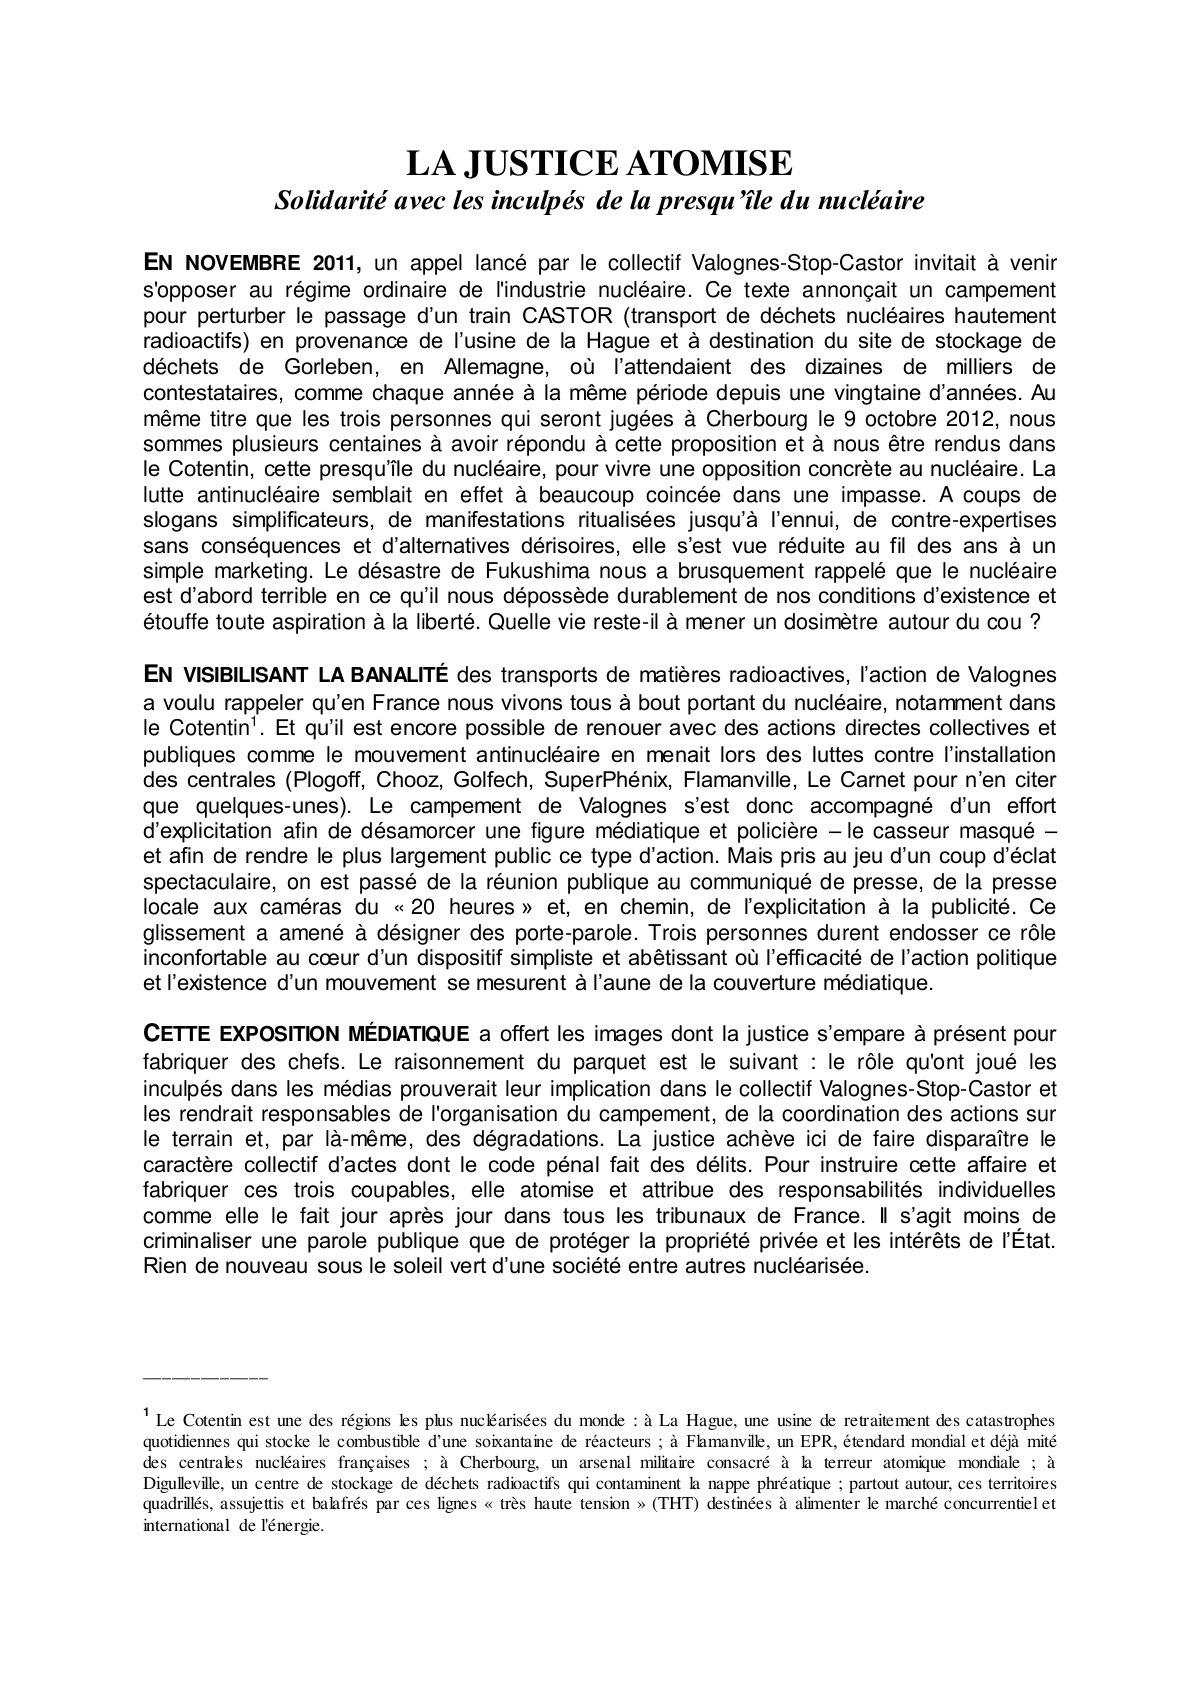 http://juralib.noblogs.org/files/2012/09/20.jpg